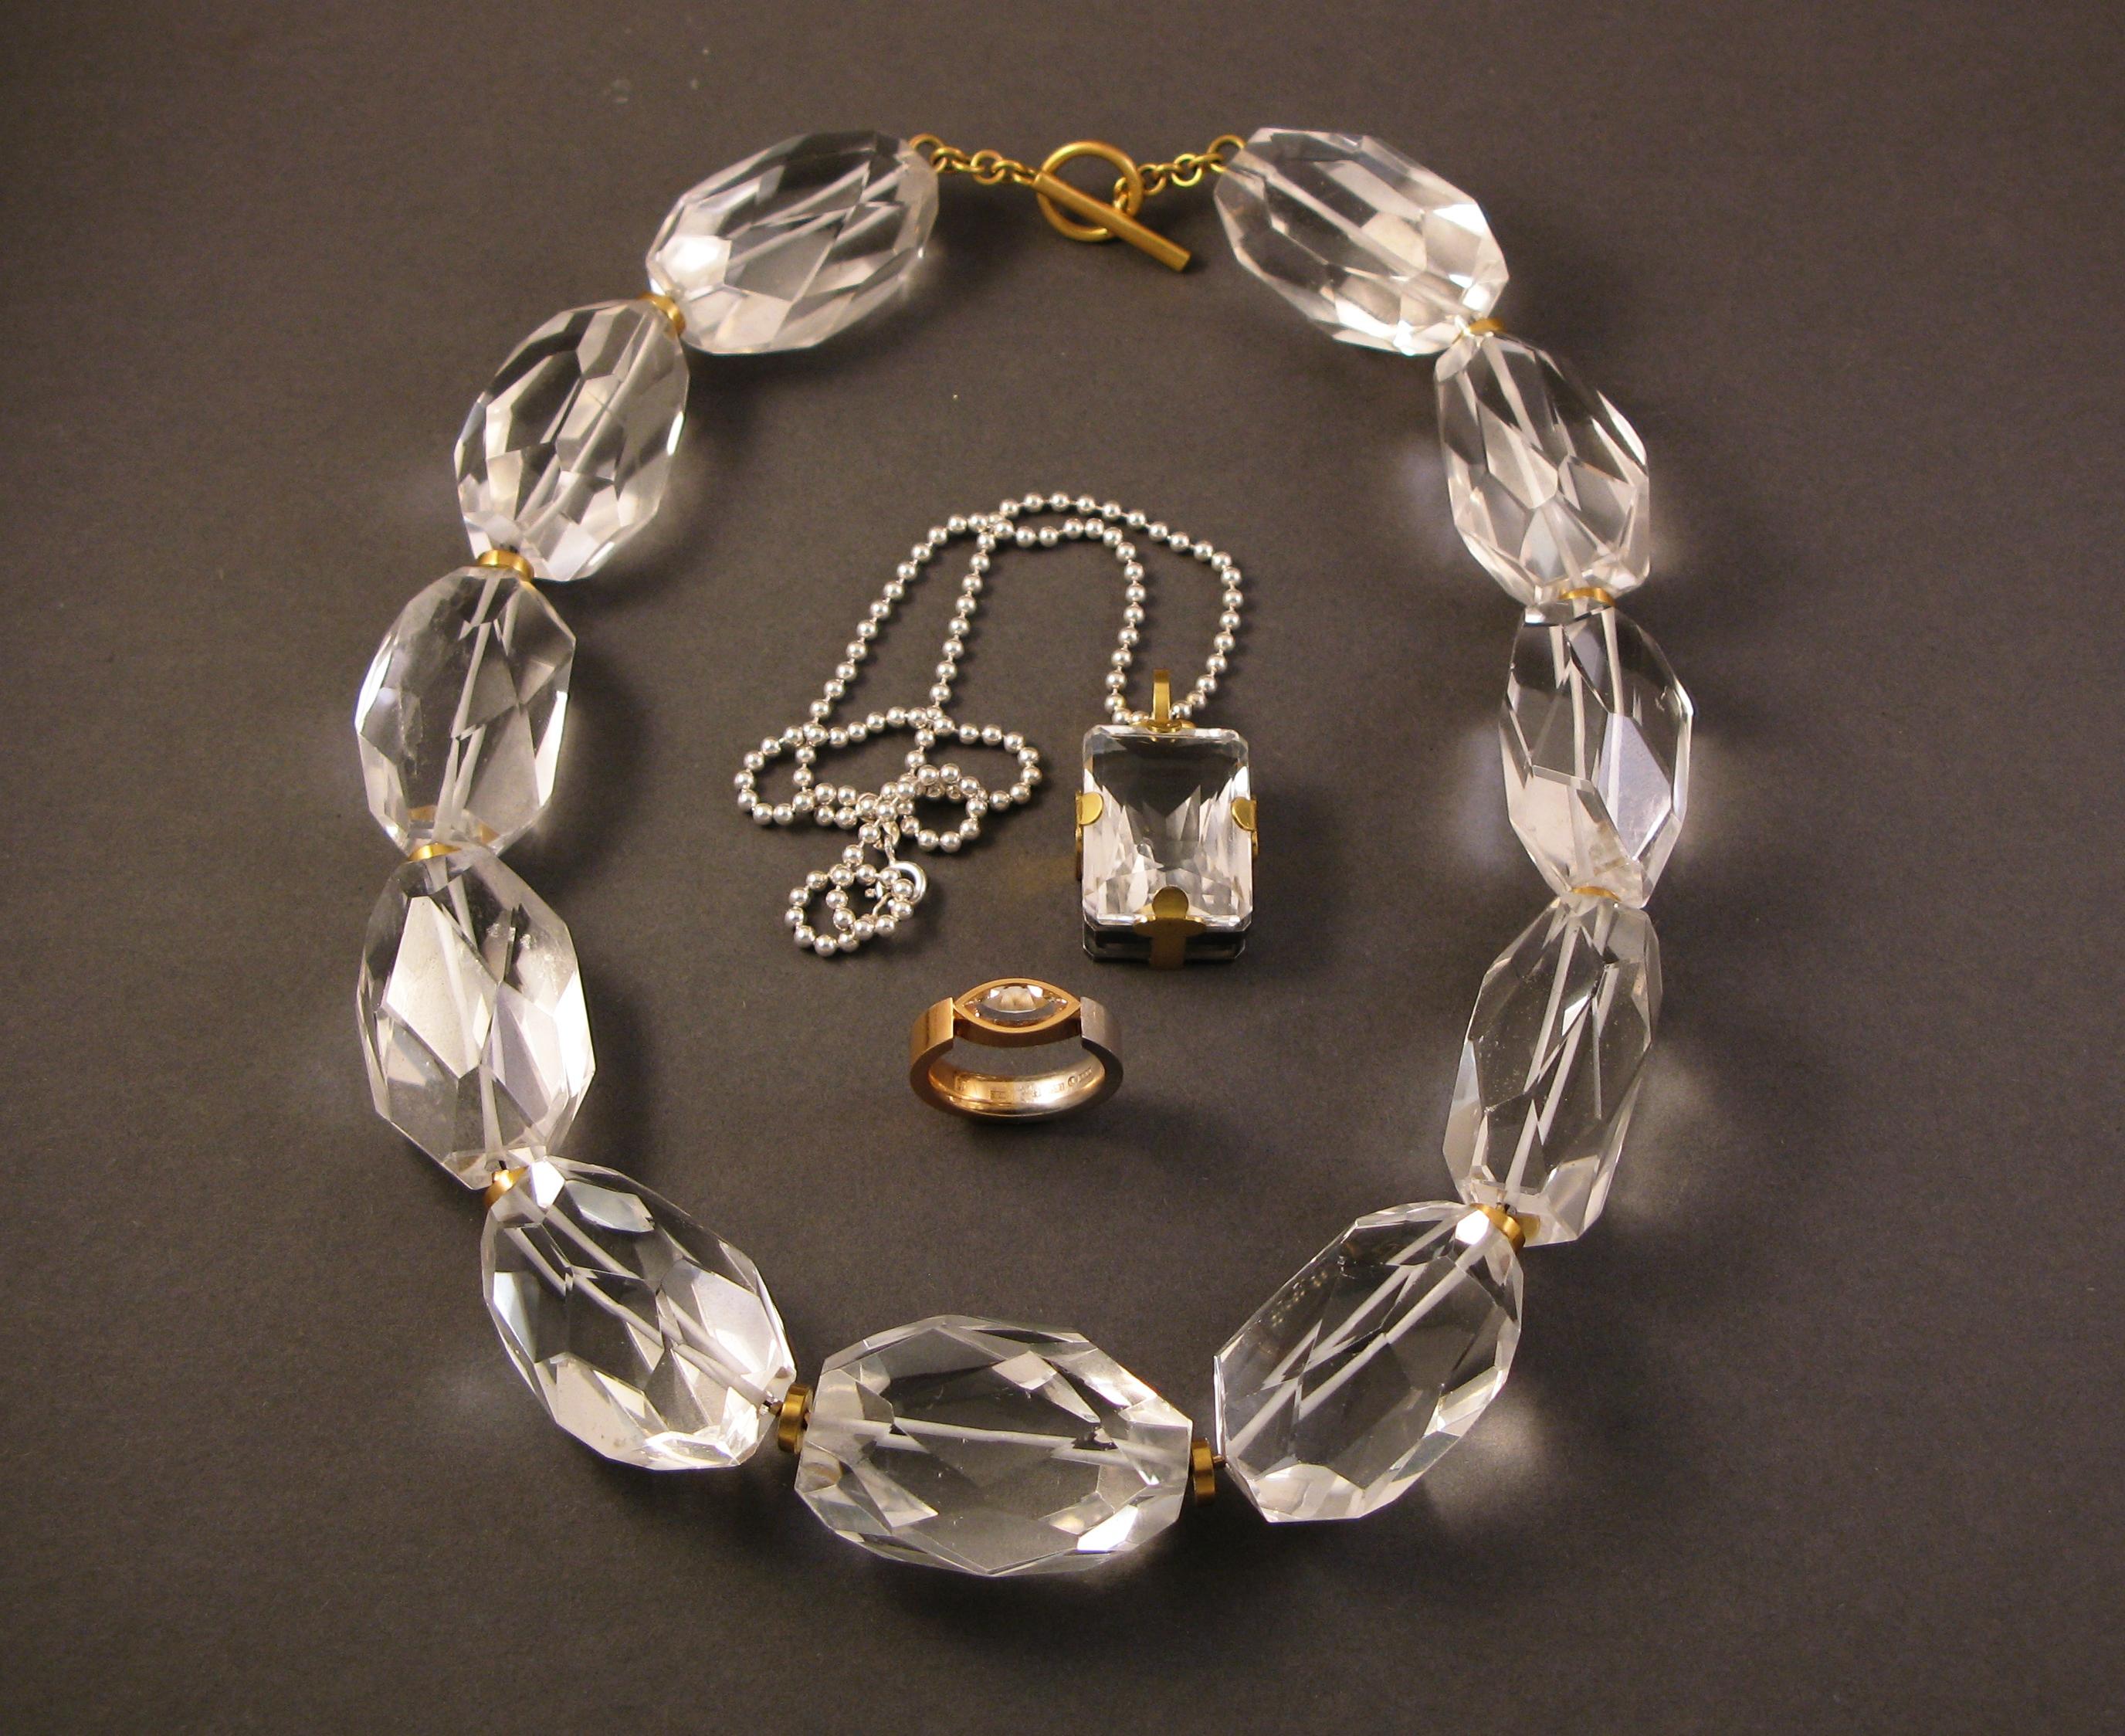 Collier, bergkristall med guldlås